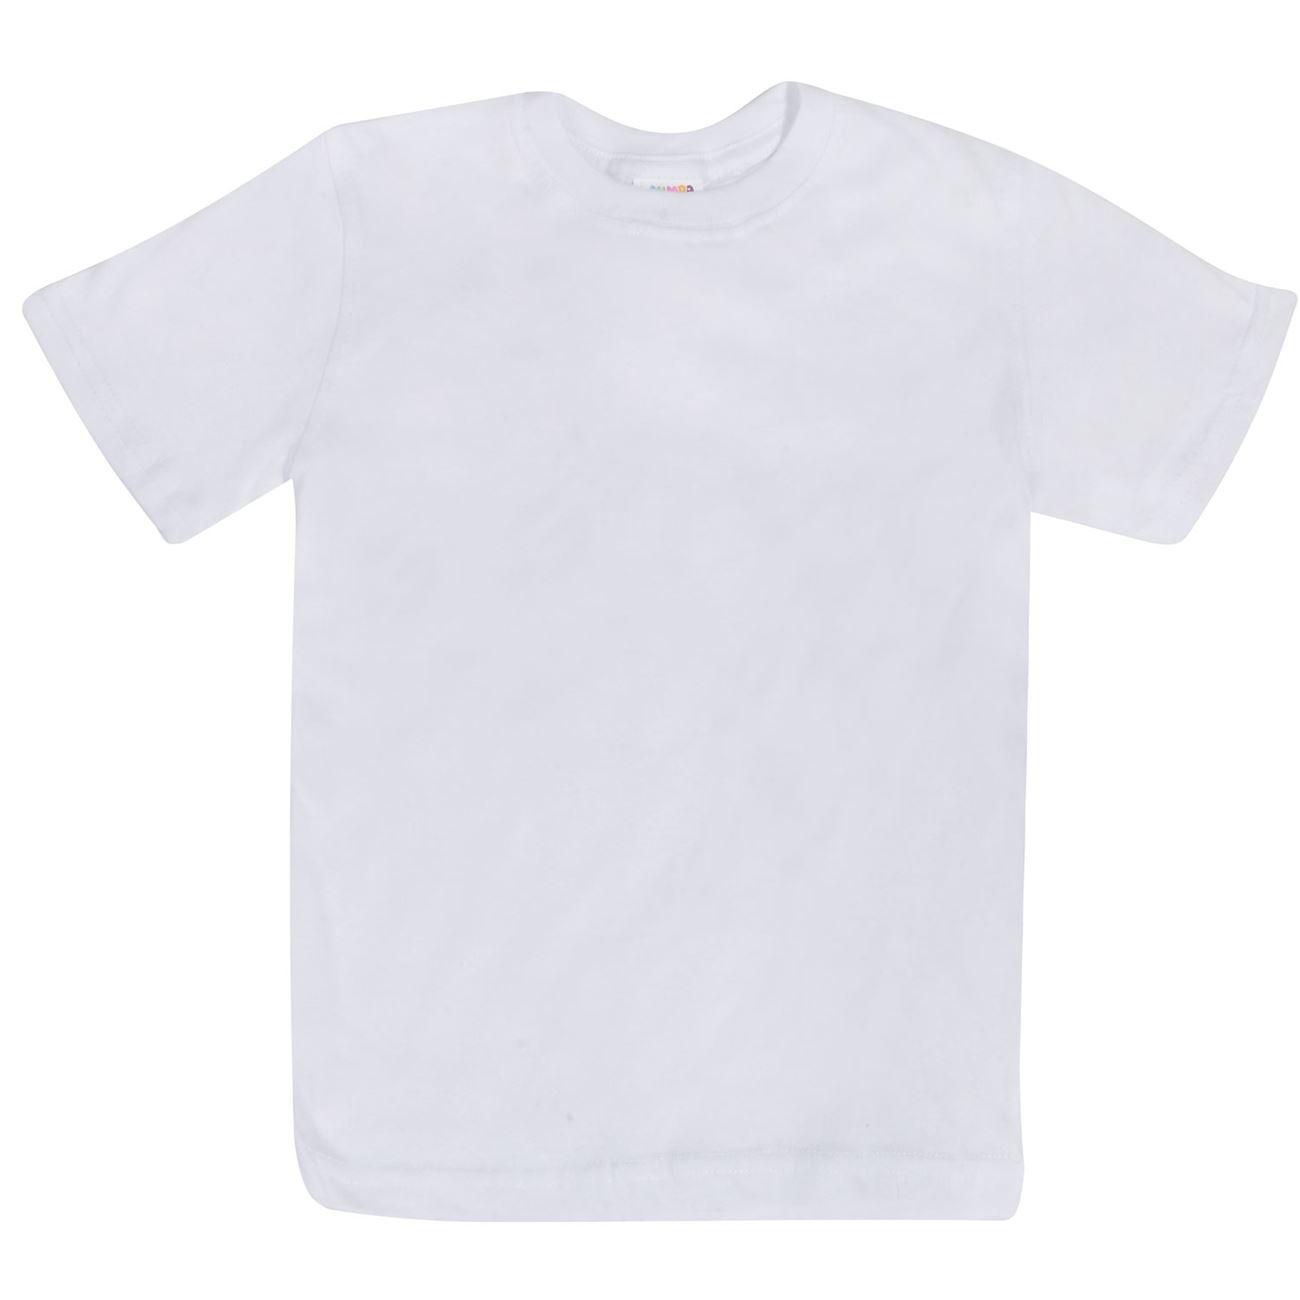 c7bd7439f88 Μπλουζάκι Κοντομάνικο Παιδικό Λευκό